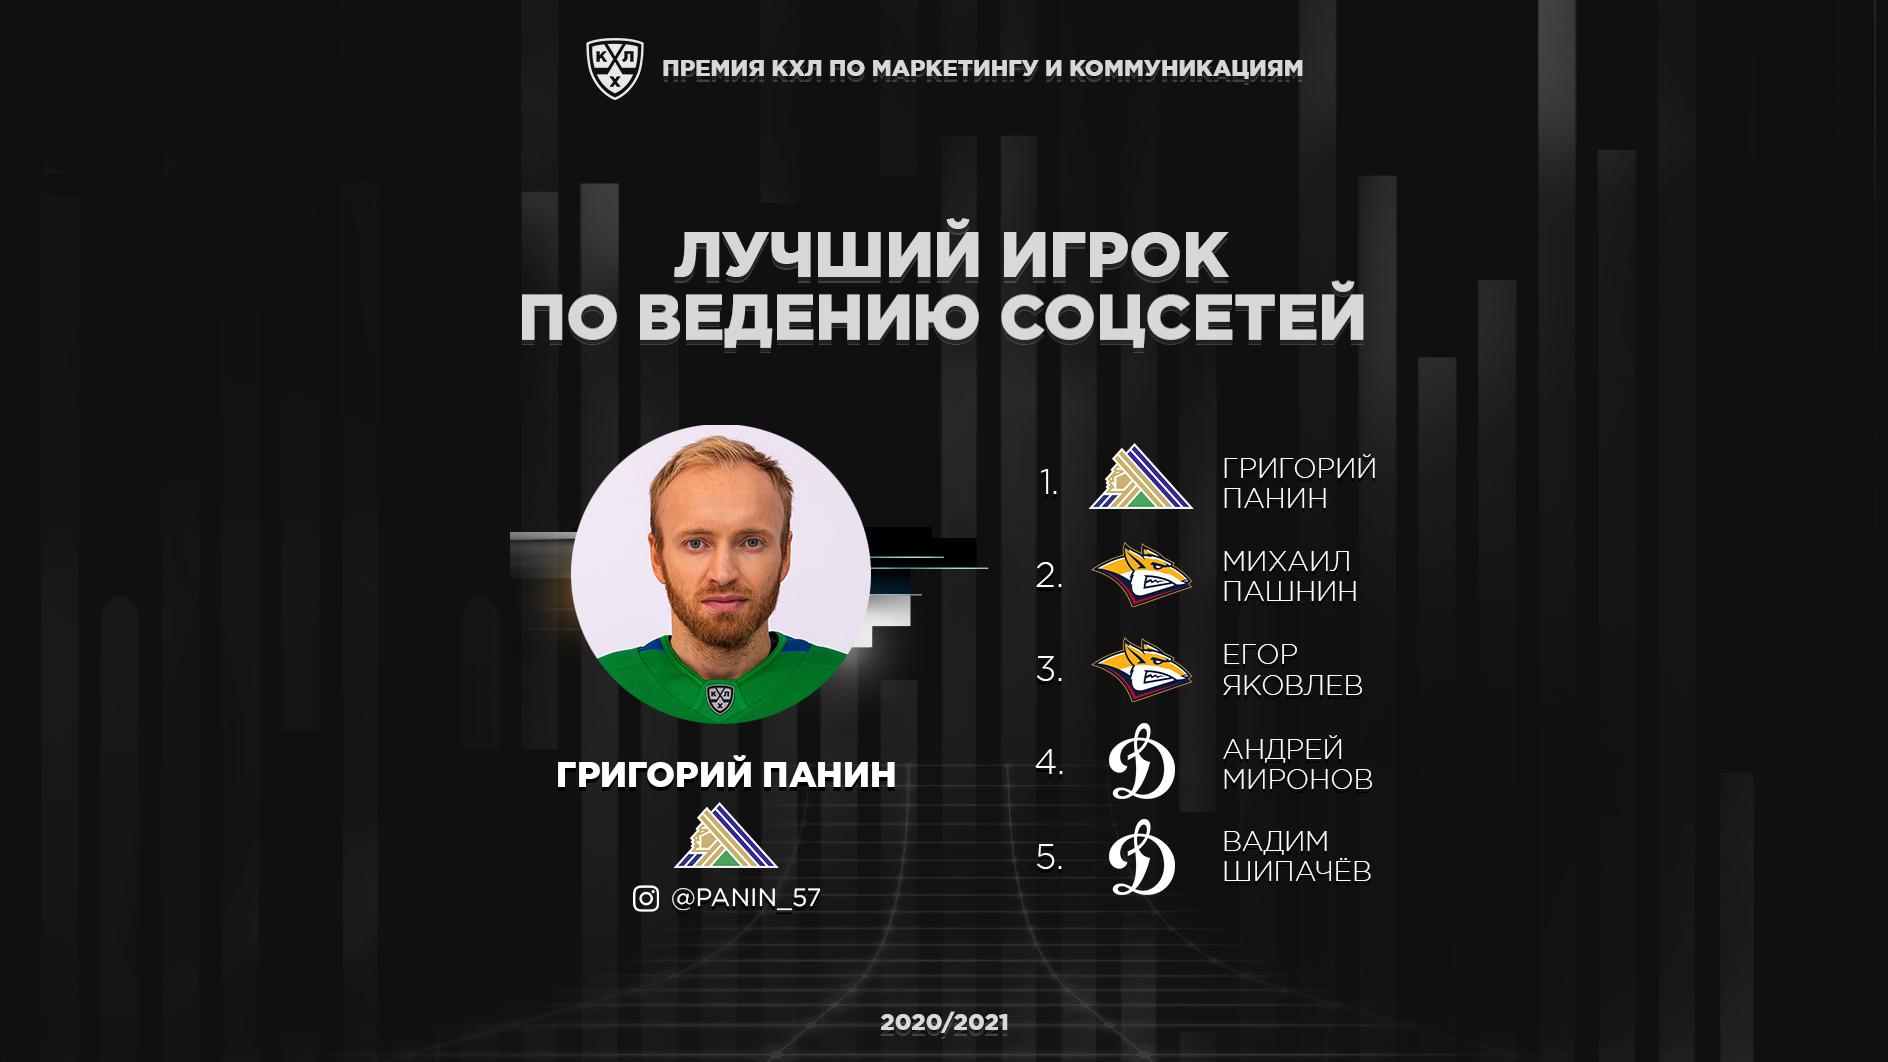 Presentation_Лучший игрок по ведению соцсетей .jpg